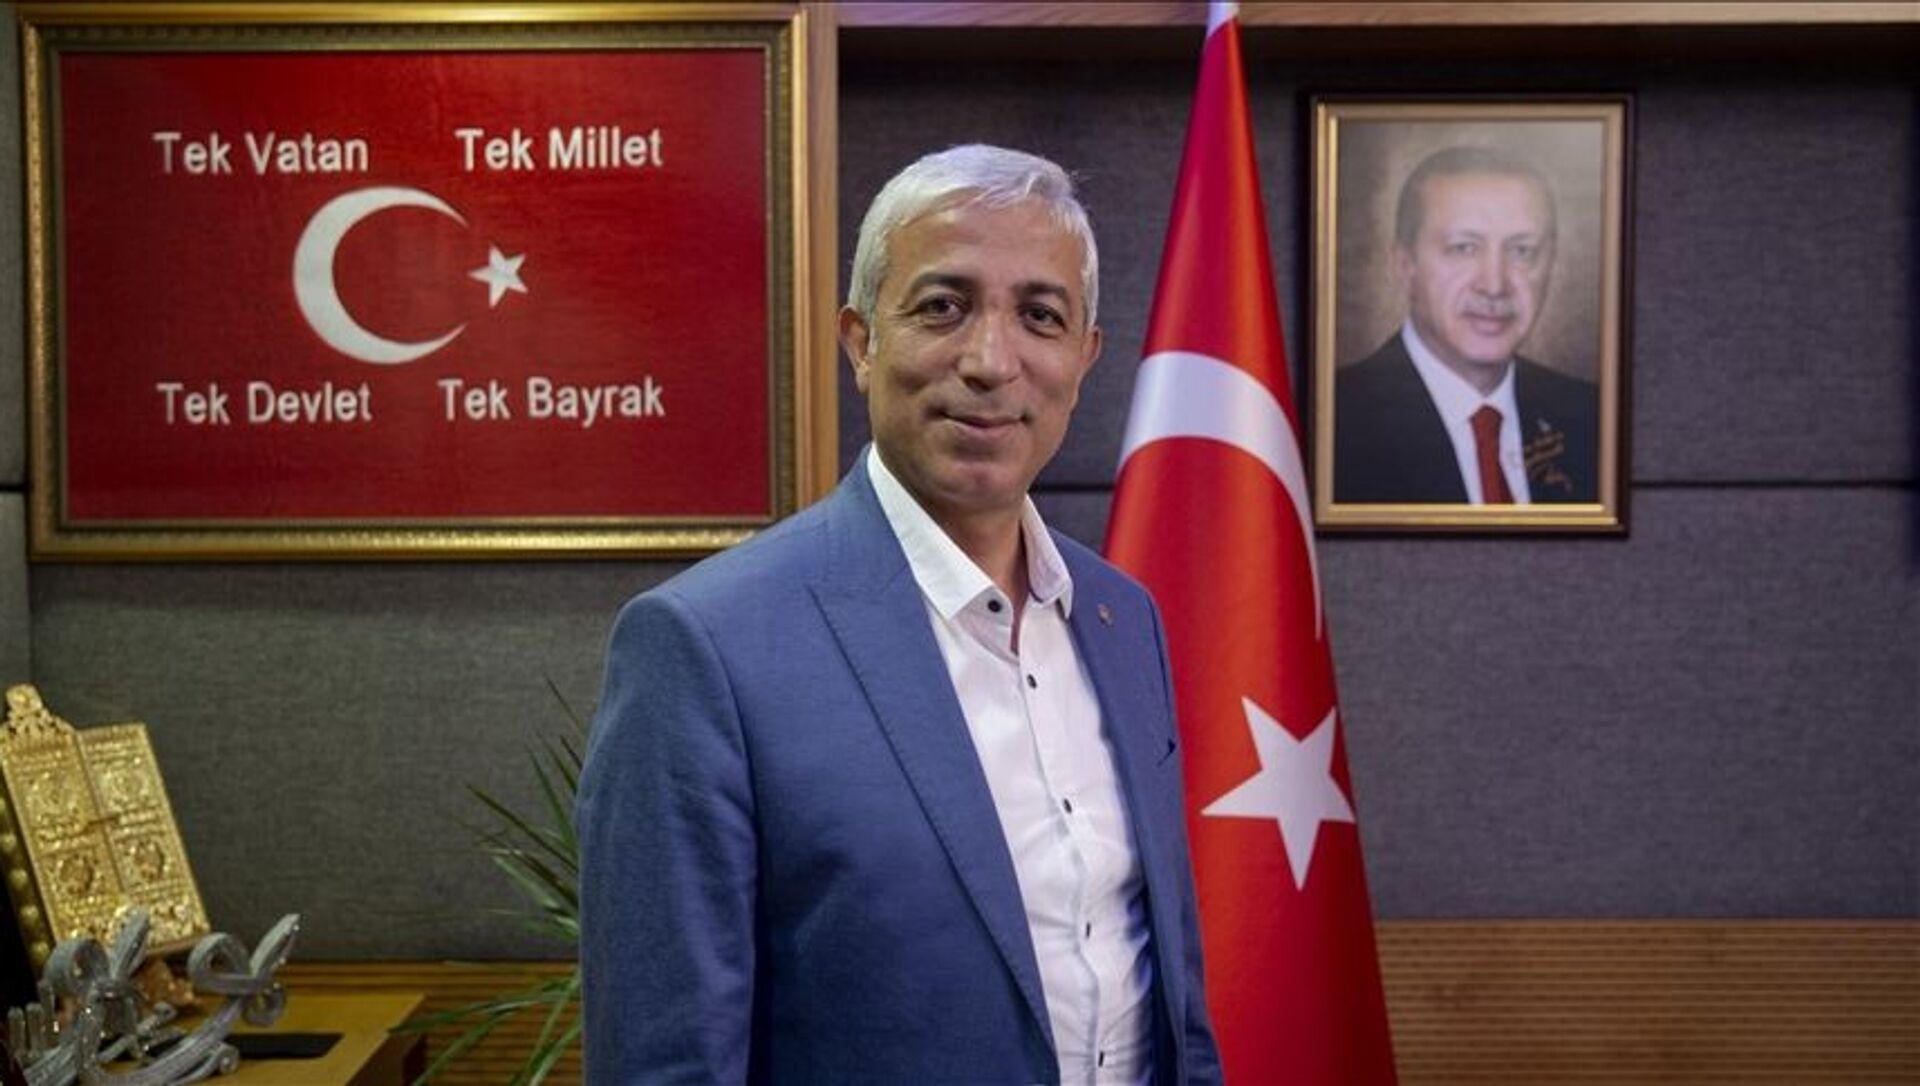 Yunus Kılıç - AK Parti - Sputnik Türkiye, 1920, 03.08.2021